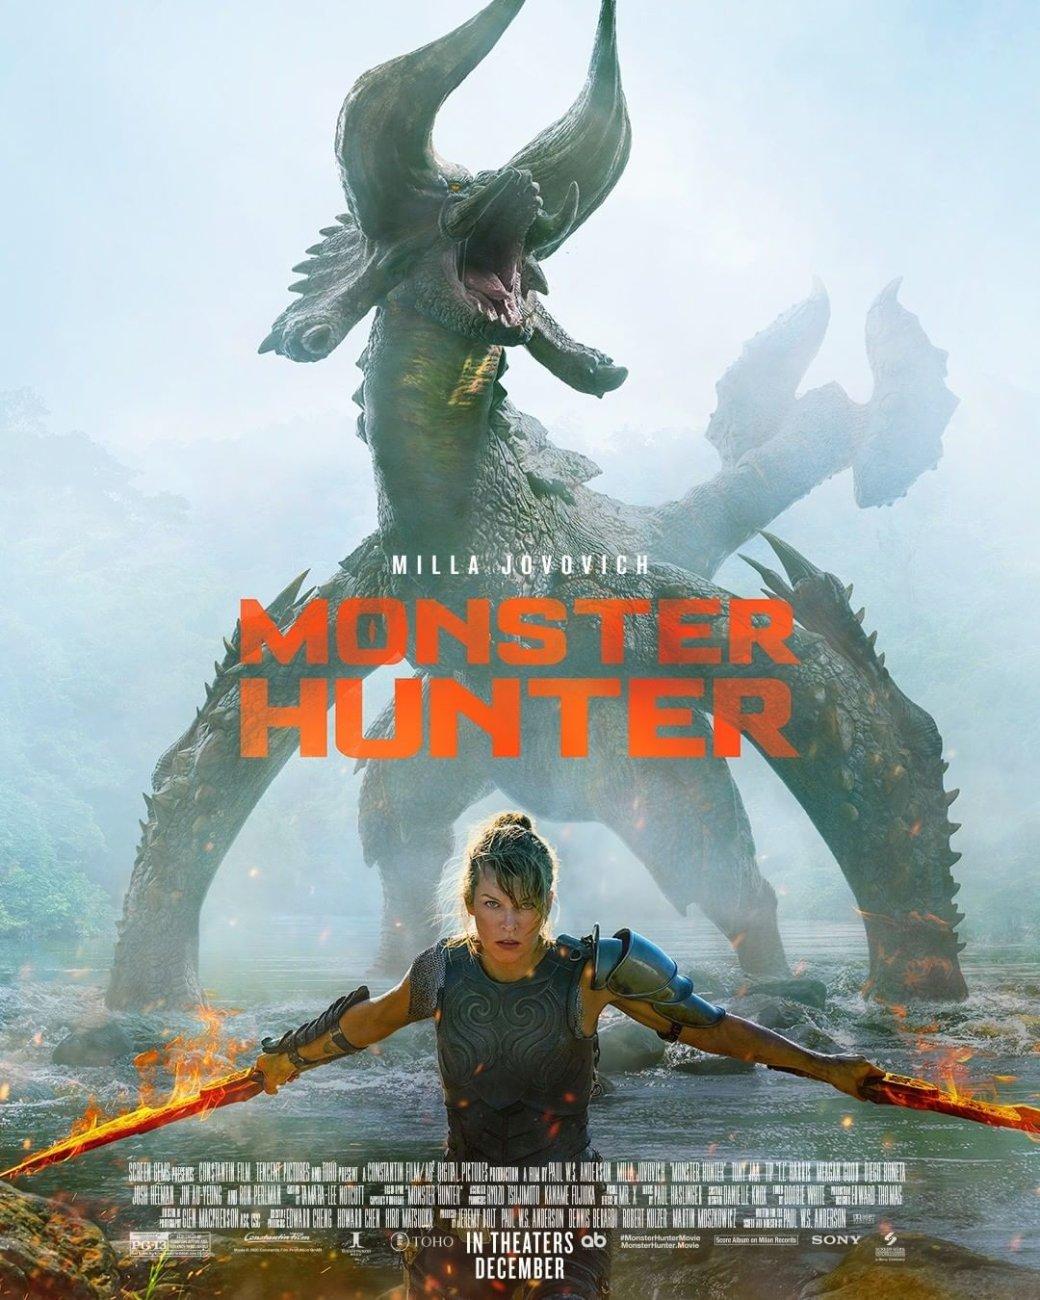 Вышел трейлер экранизации игры Monster Hunter сМиллой Йовович | Канобу - Изображение 3793